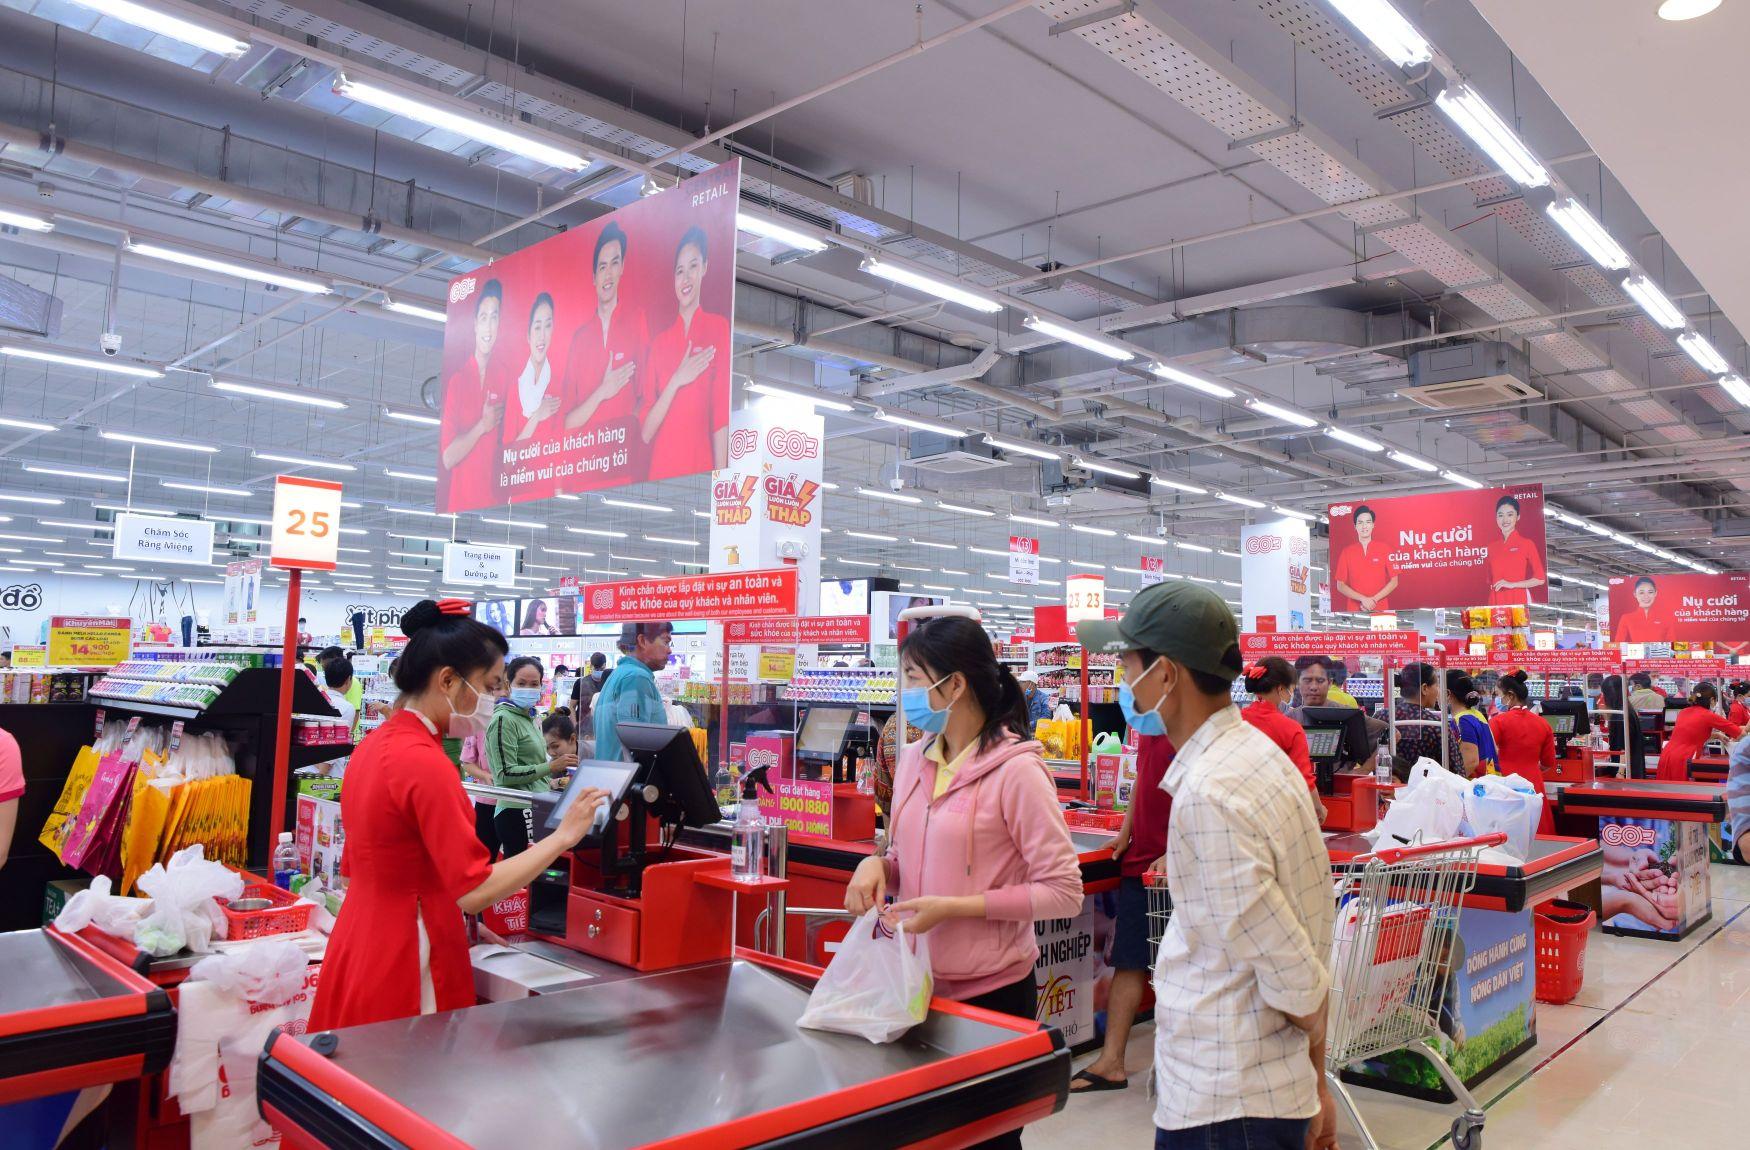 Đại siêu thị Big C 3 Đại siêu thị Big C đổi tên thành Đại siêu thị GO!: Khách hàng được mua sắm trong không gian hiện đại